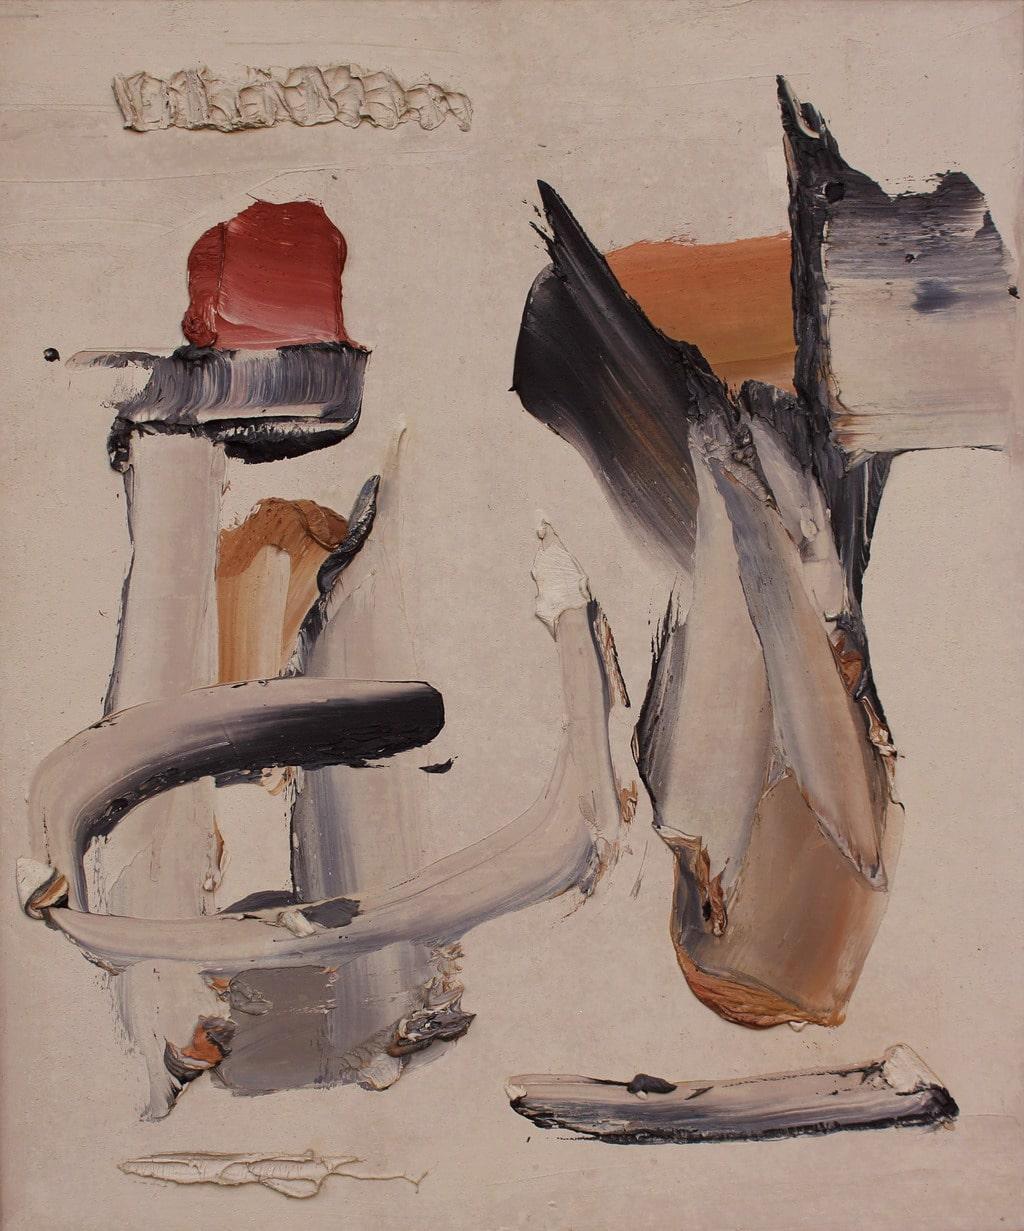 """Erminio Tansini, """"Senza titolo"""", 2012, olio su tavola, 60x50 cm. © Erminio Tansini"""